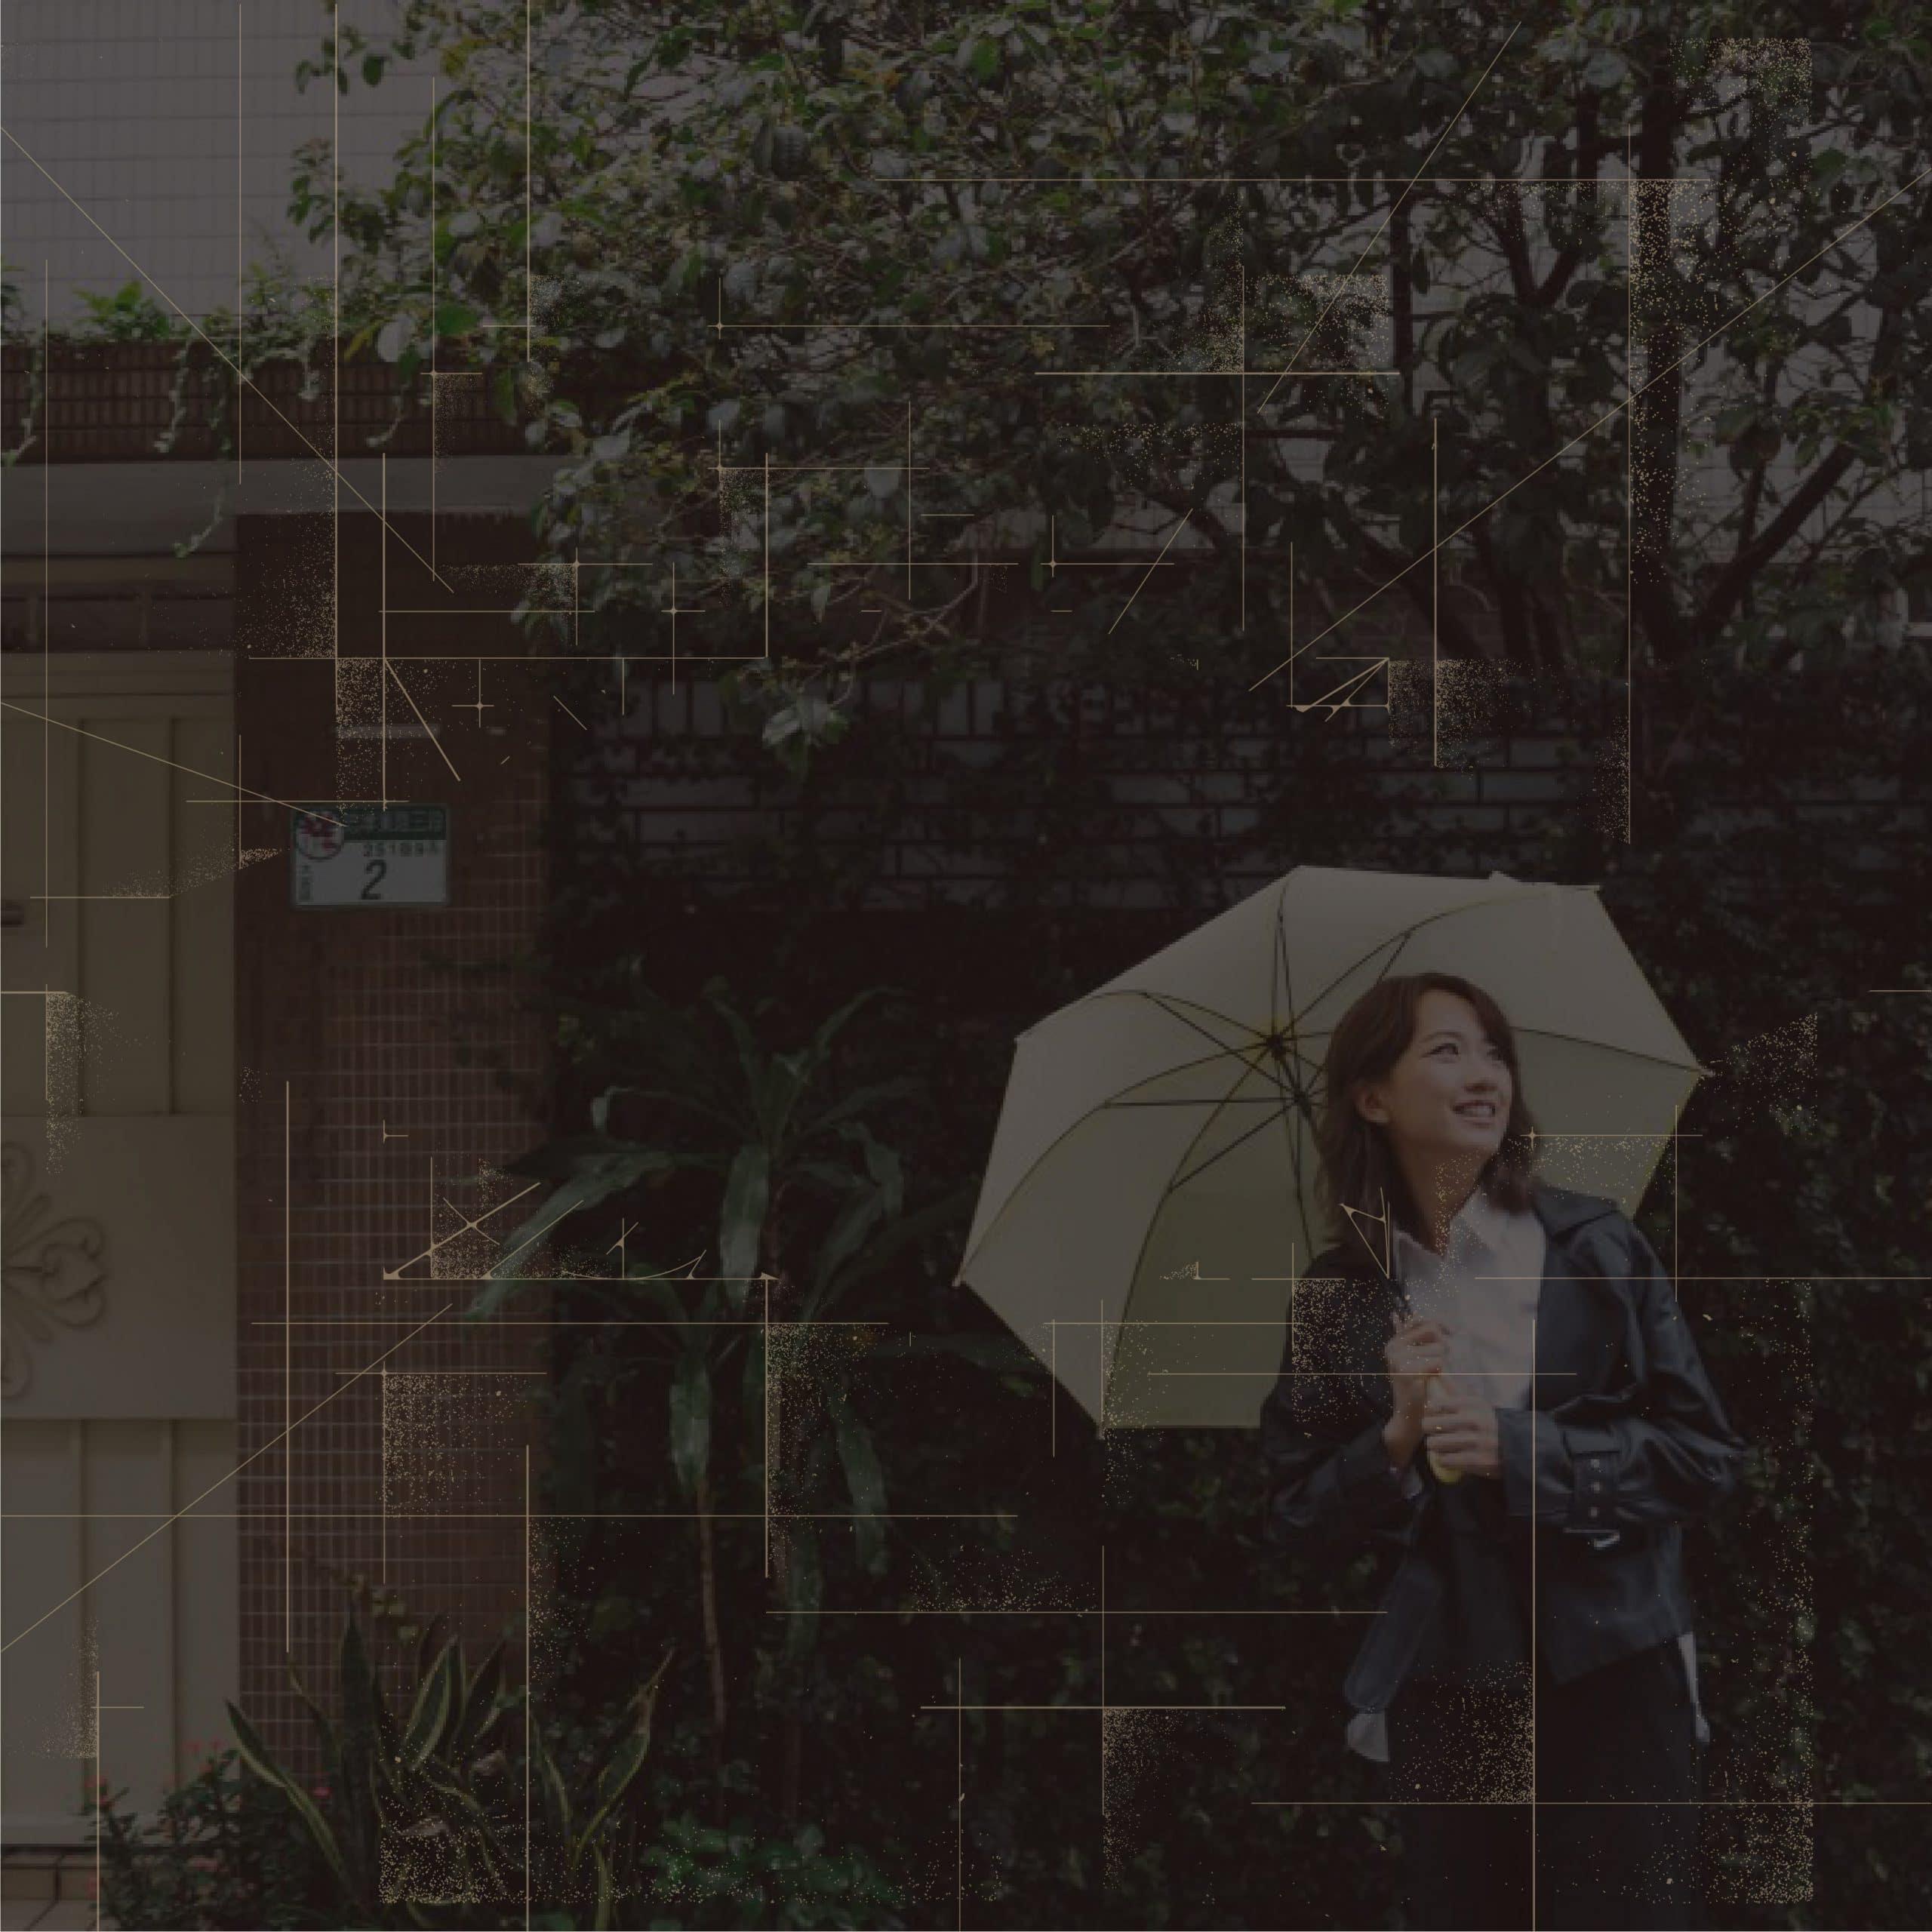 專訪范宸菲 — 簡單生活,從日常體現的處世哲學